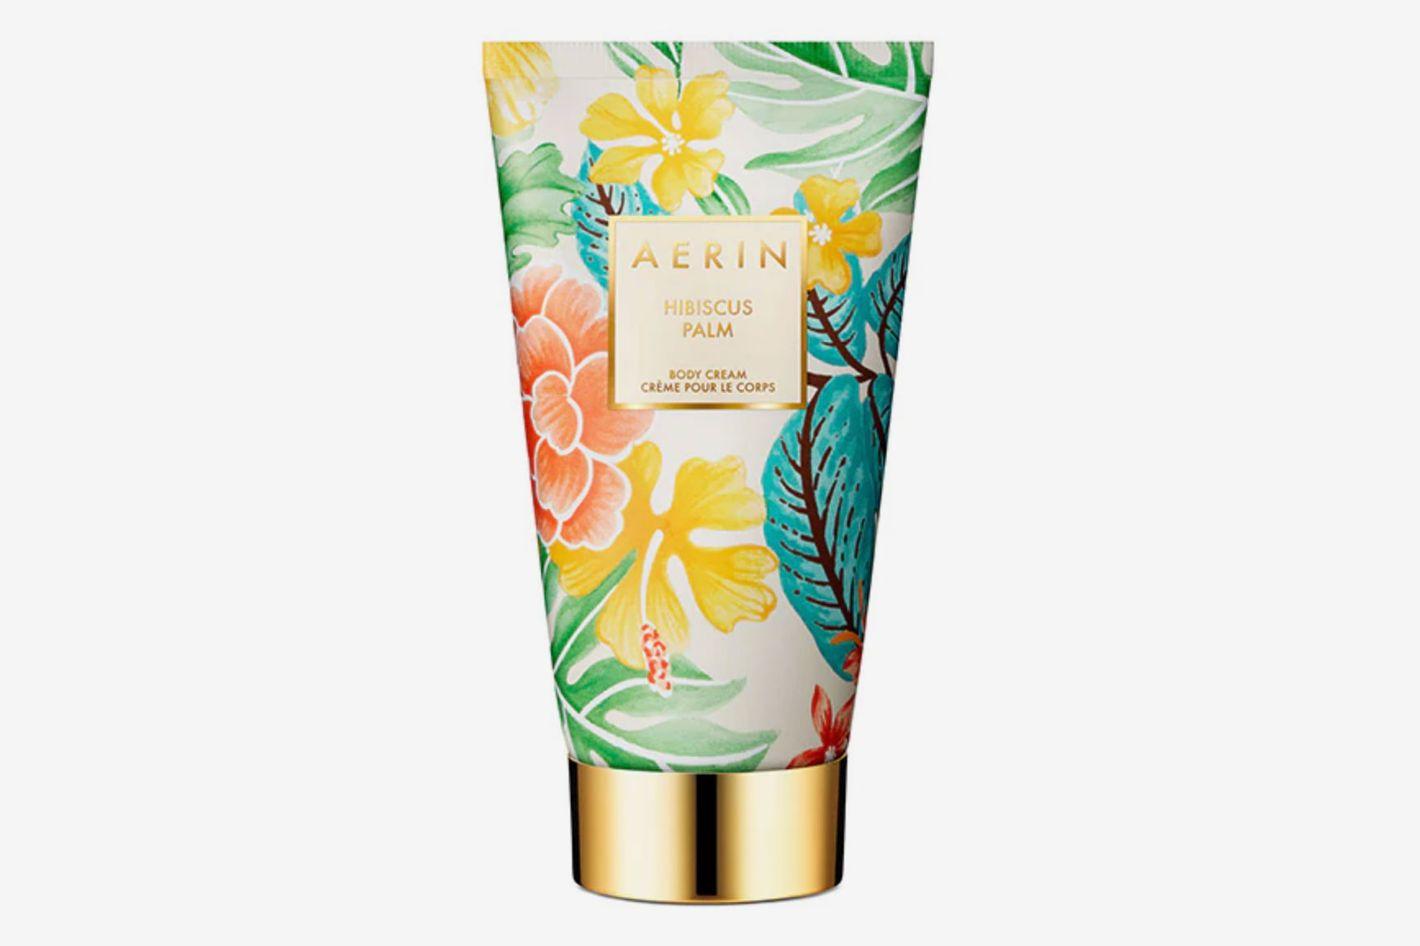 Hibiscus Palm Body Cream